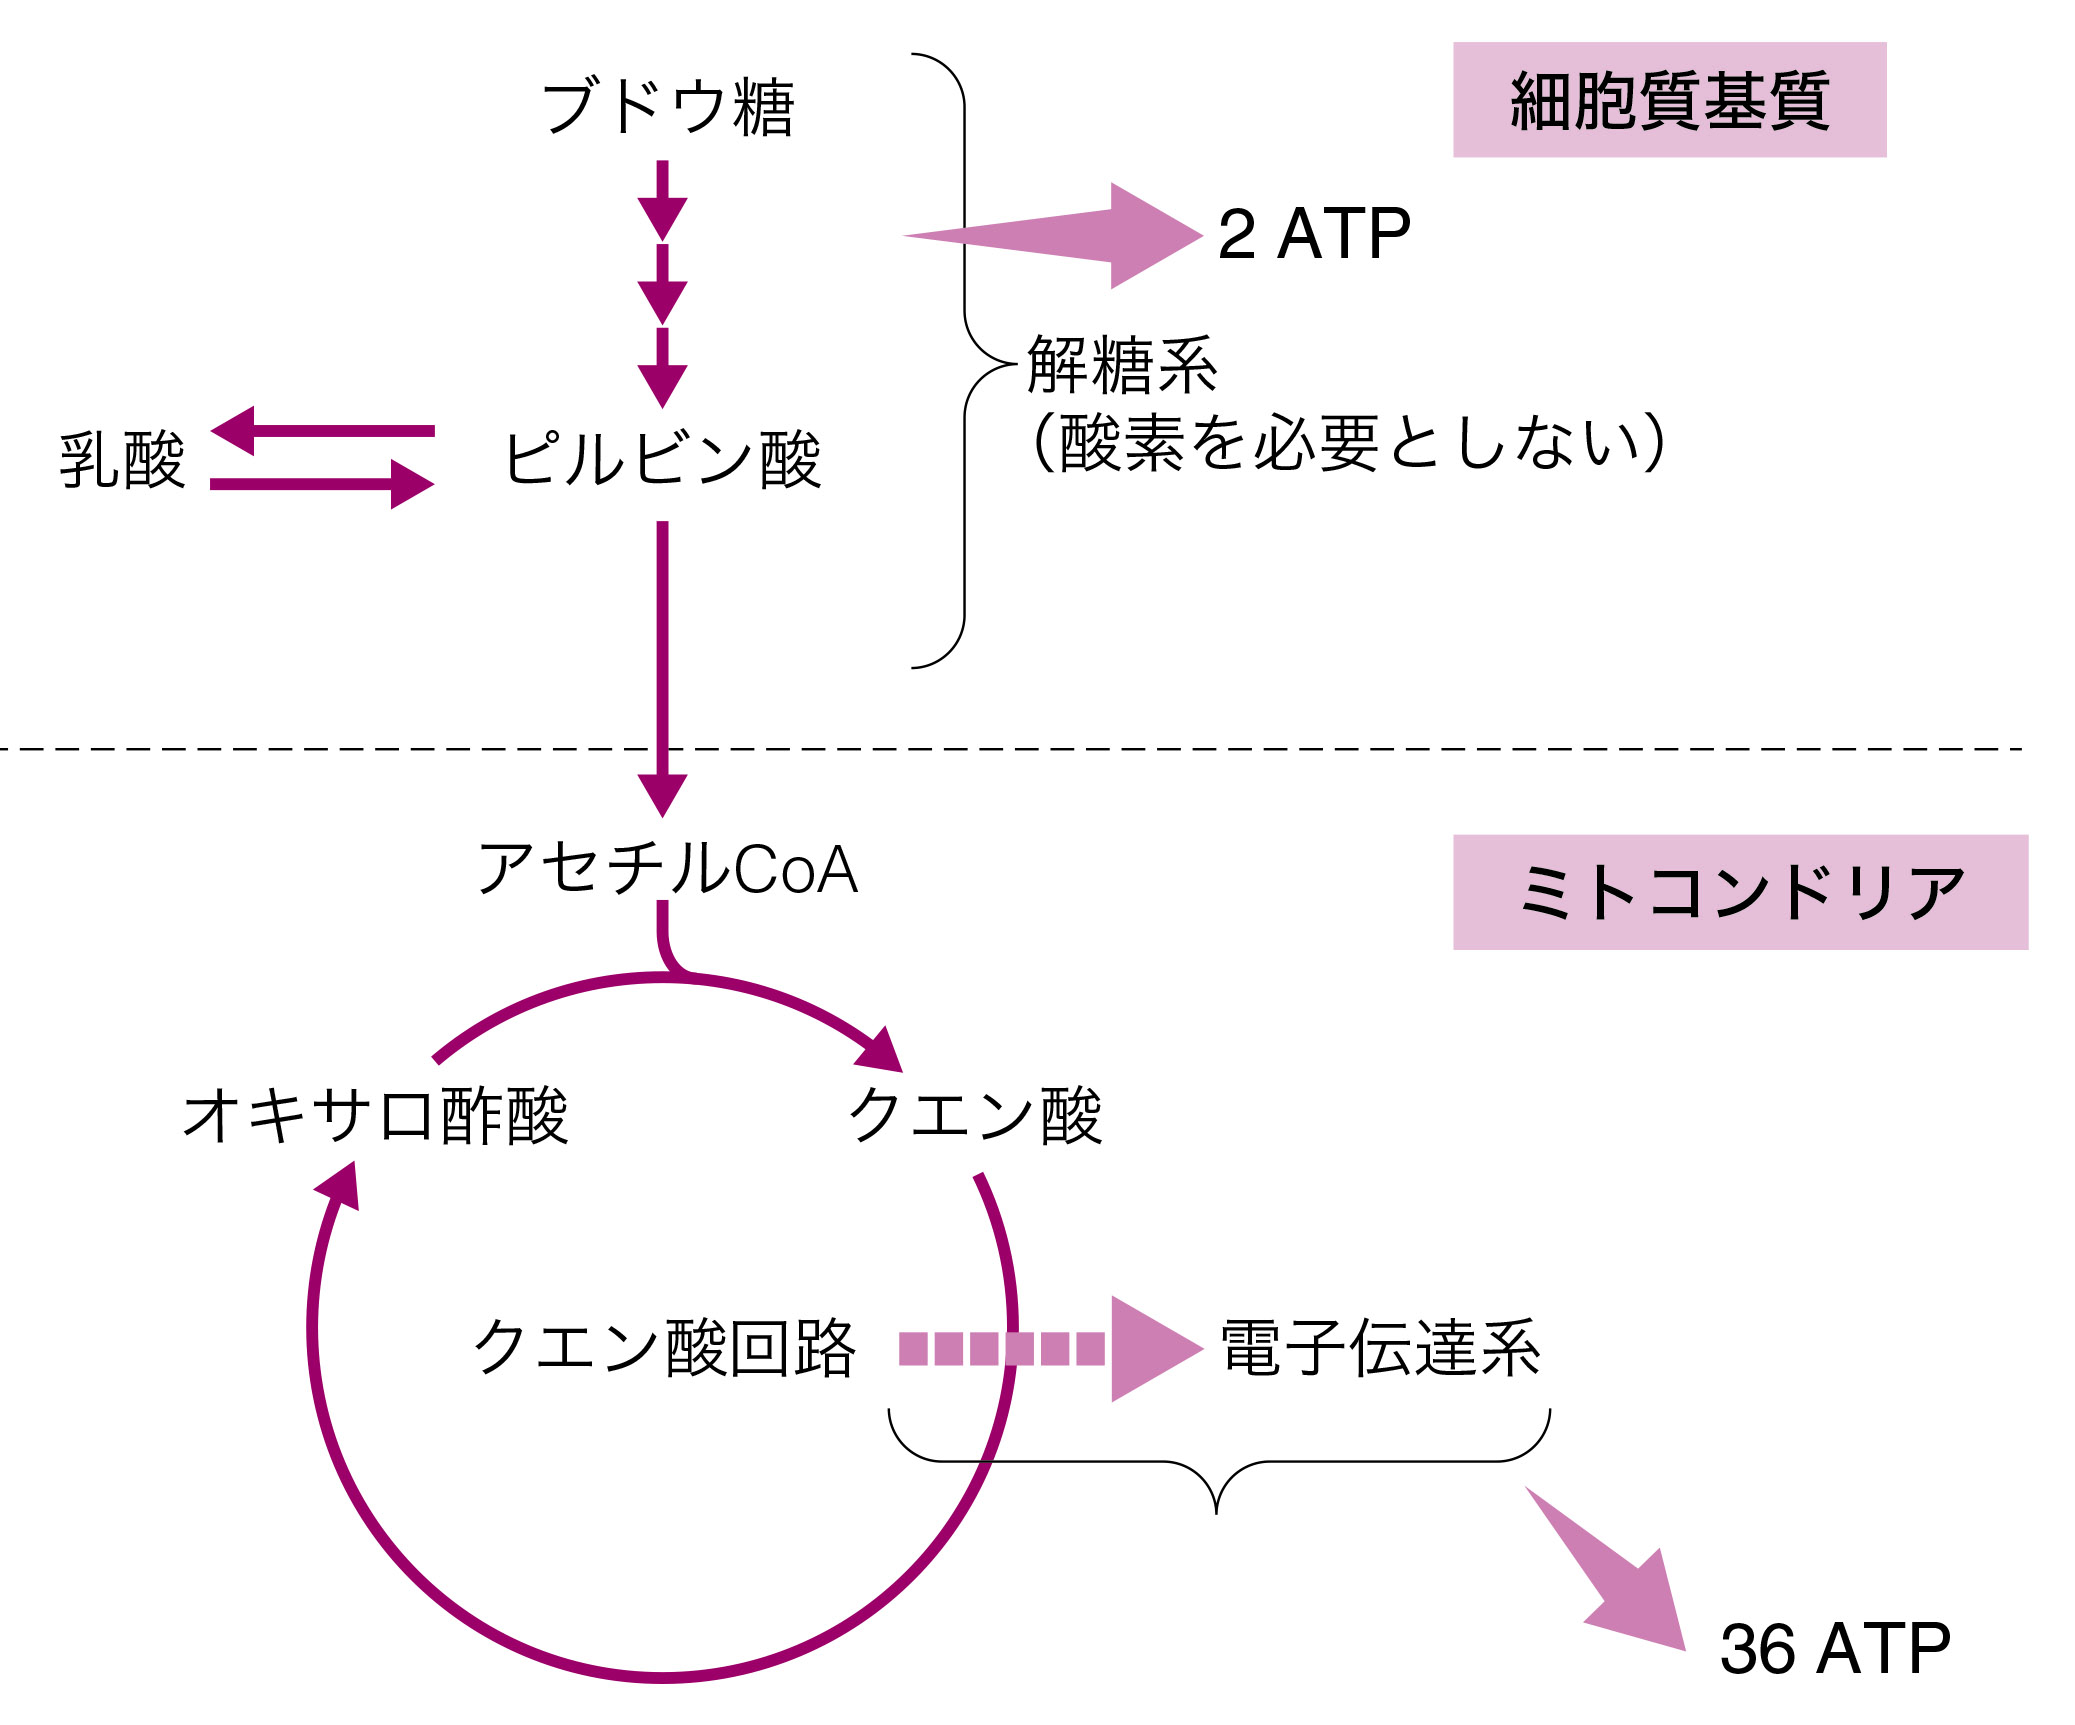 28-1 (1).jpg